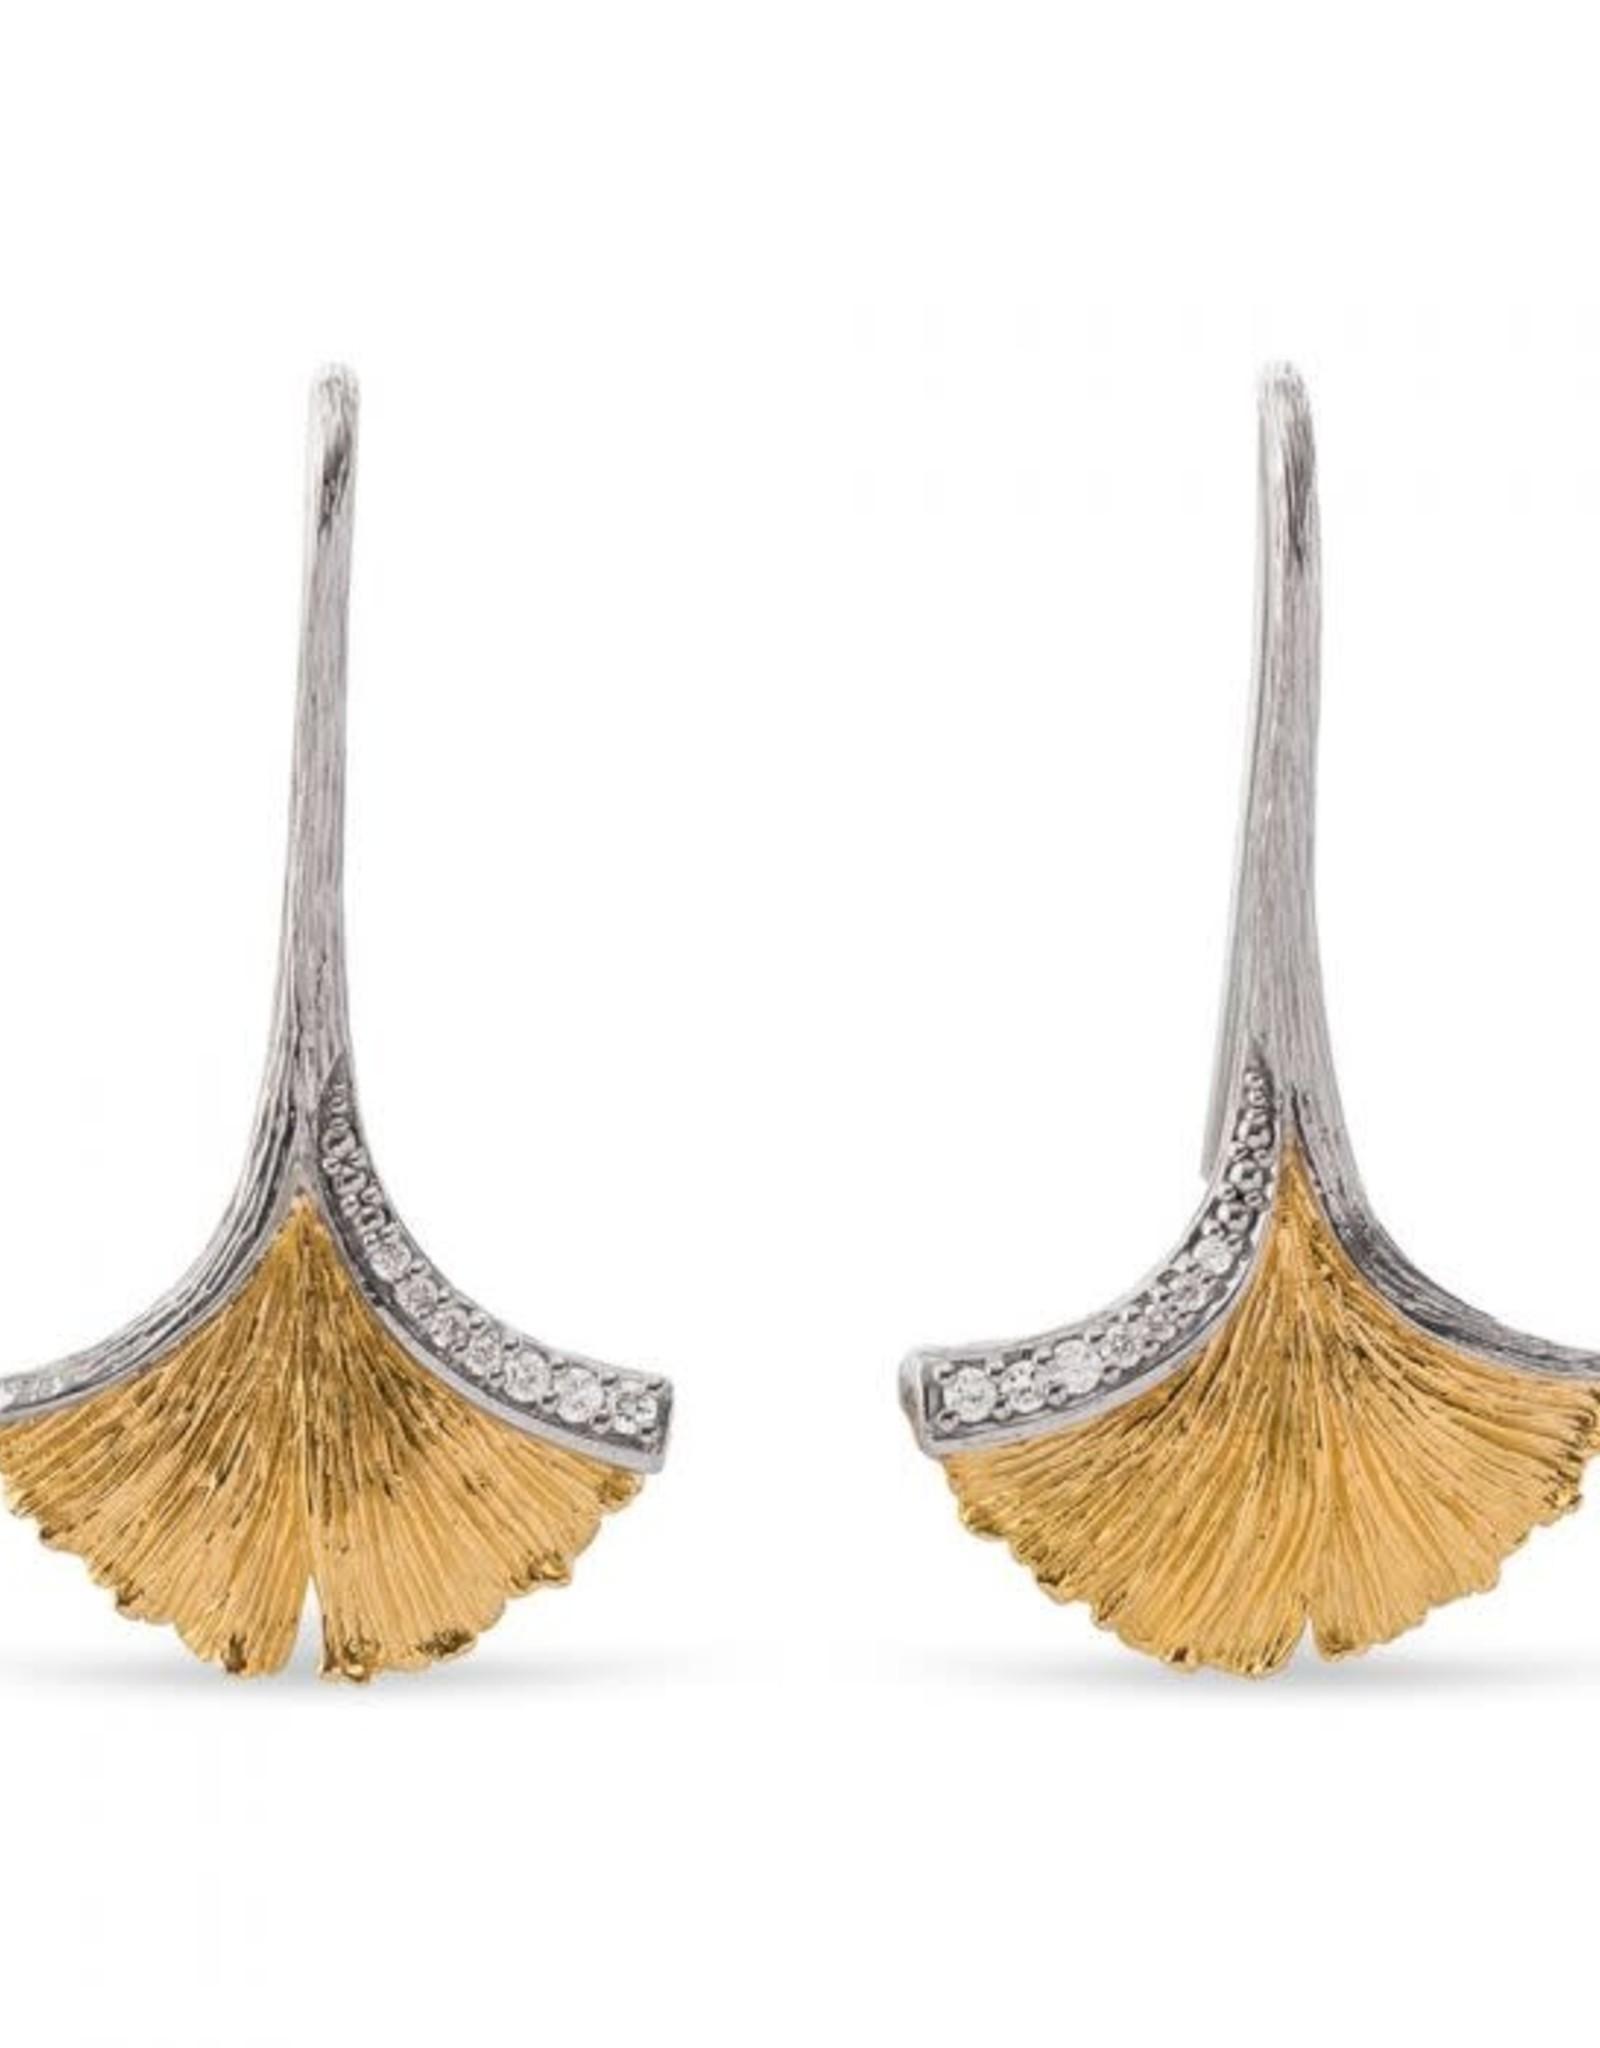 Michael Aram BUTTERFLY GINKGO LEAF DROP EARRINGS W/ DIAMONDS IN STERLING SILVER & 18K YELLOW GOLD